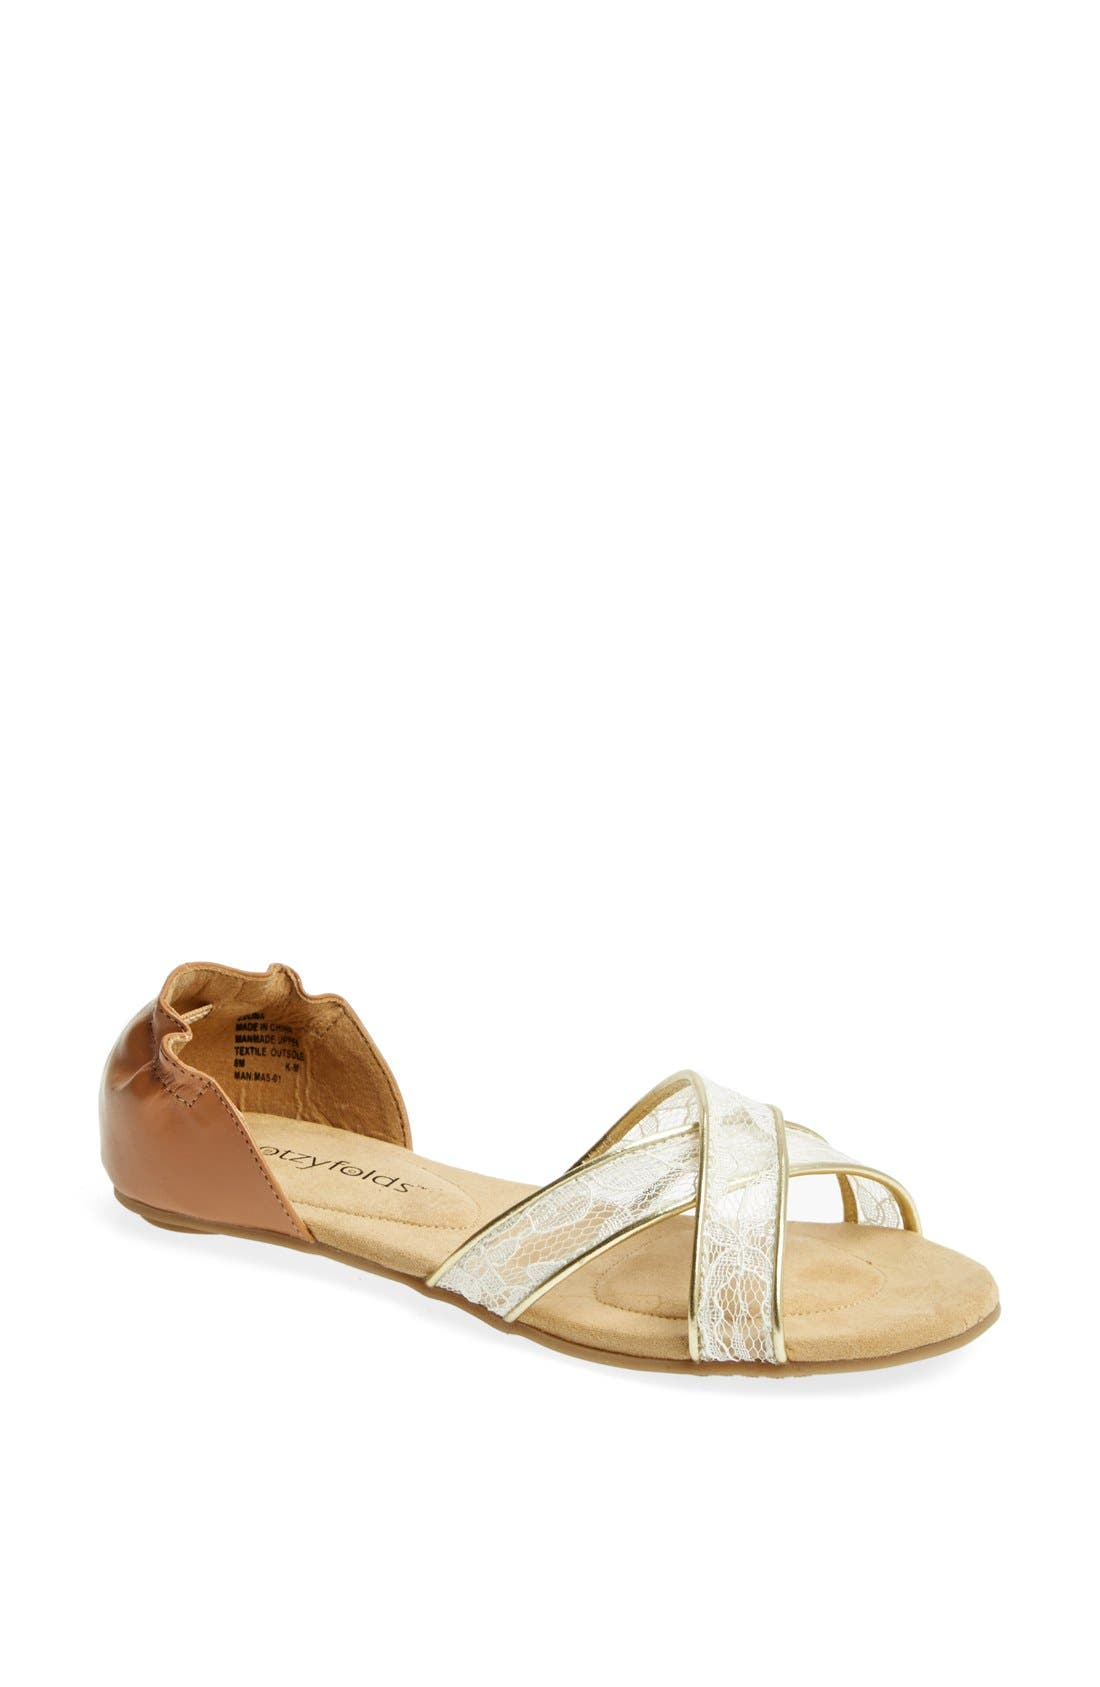 Main Image - Footzyfolds 'Celina' Flat